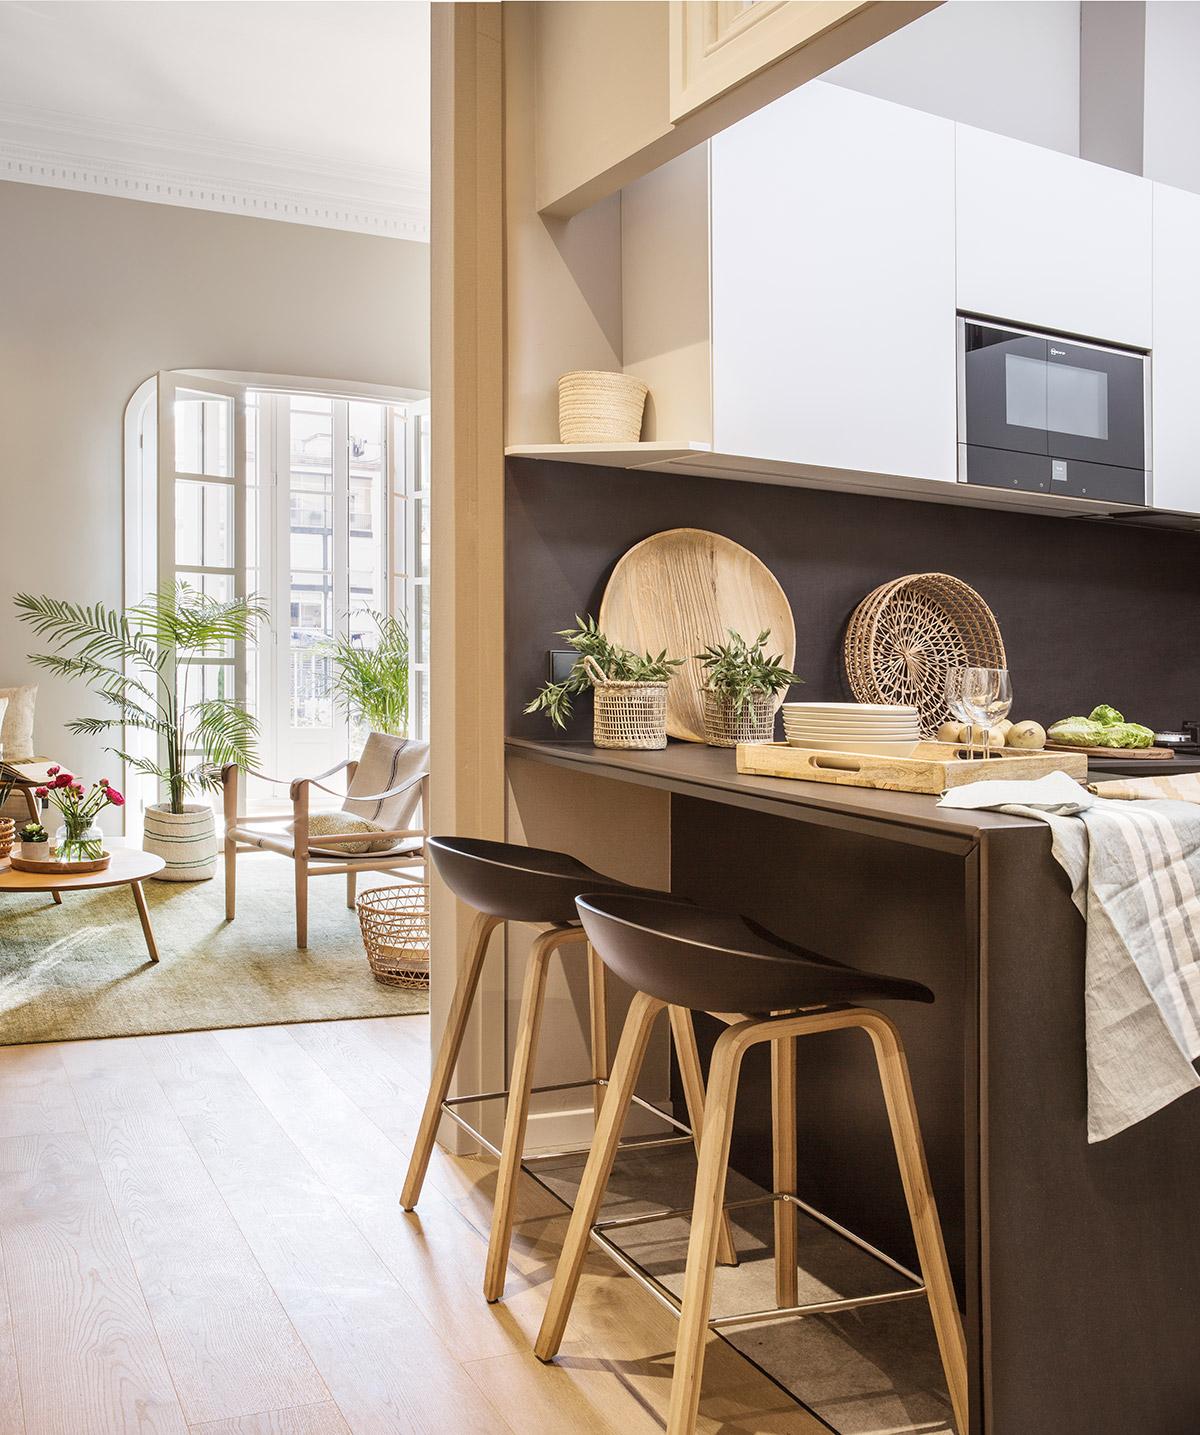 Dise o de una cocina con barra de desayuno for Mueble pared cocina